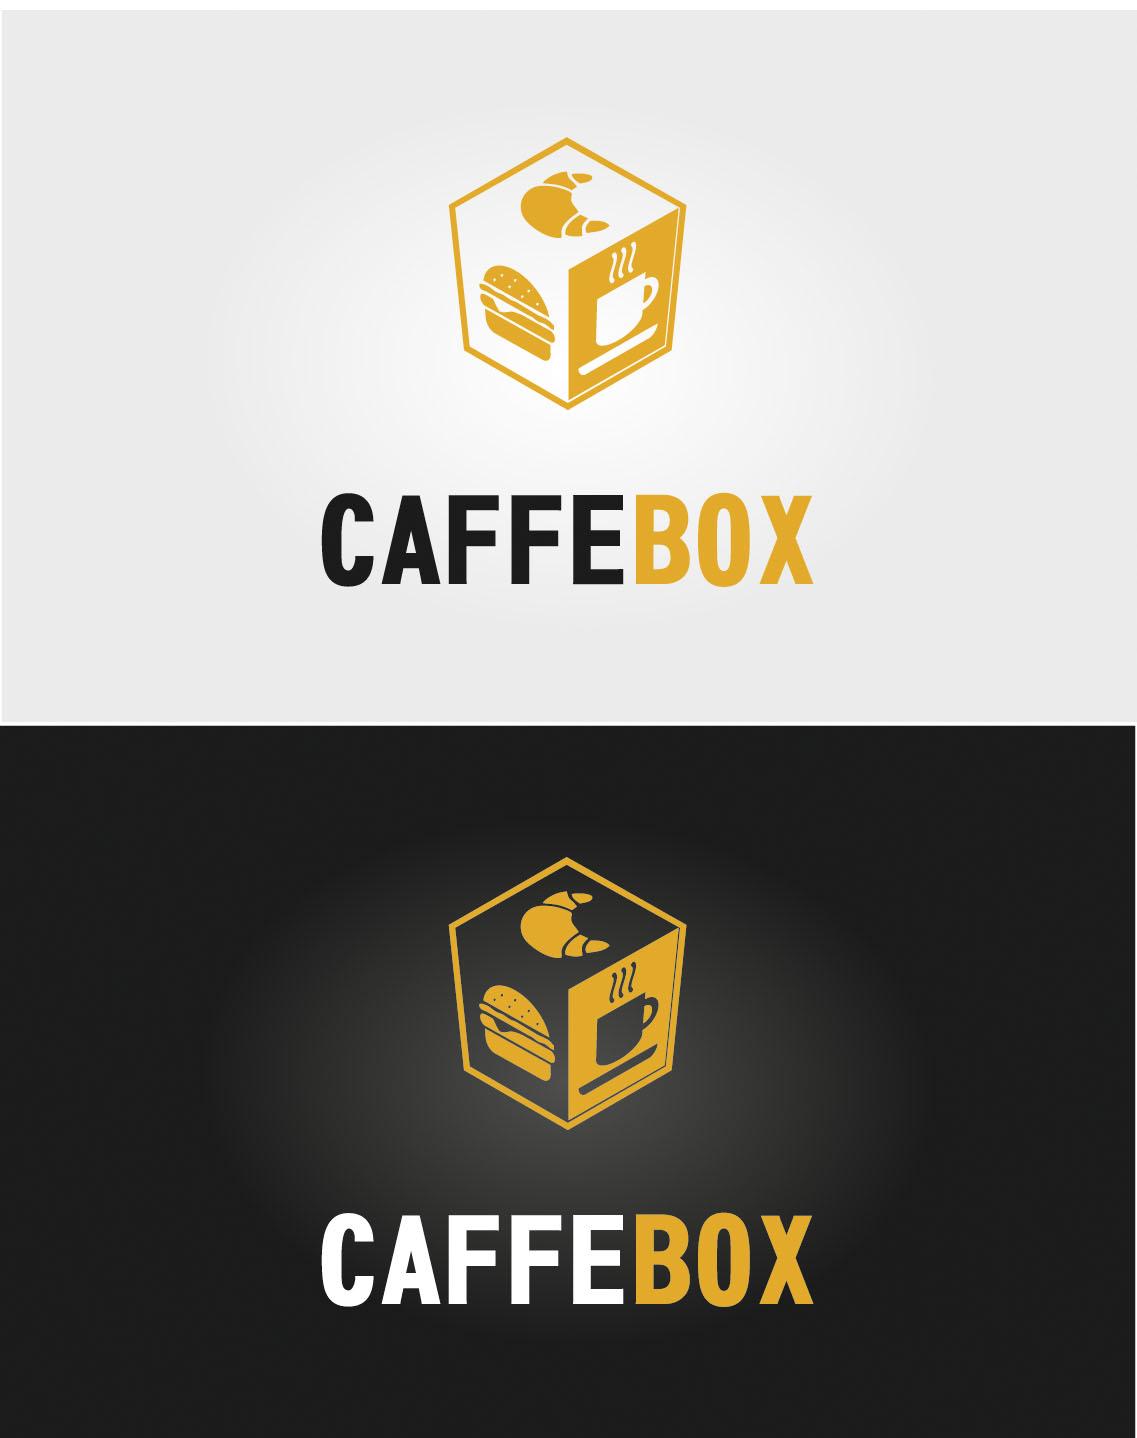 Требуется очень срочно разработать логотип кофейни! фото f_0475a11e94ab2542.jpg